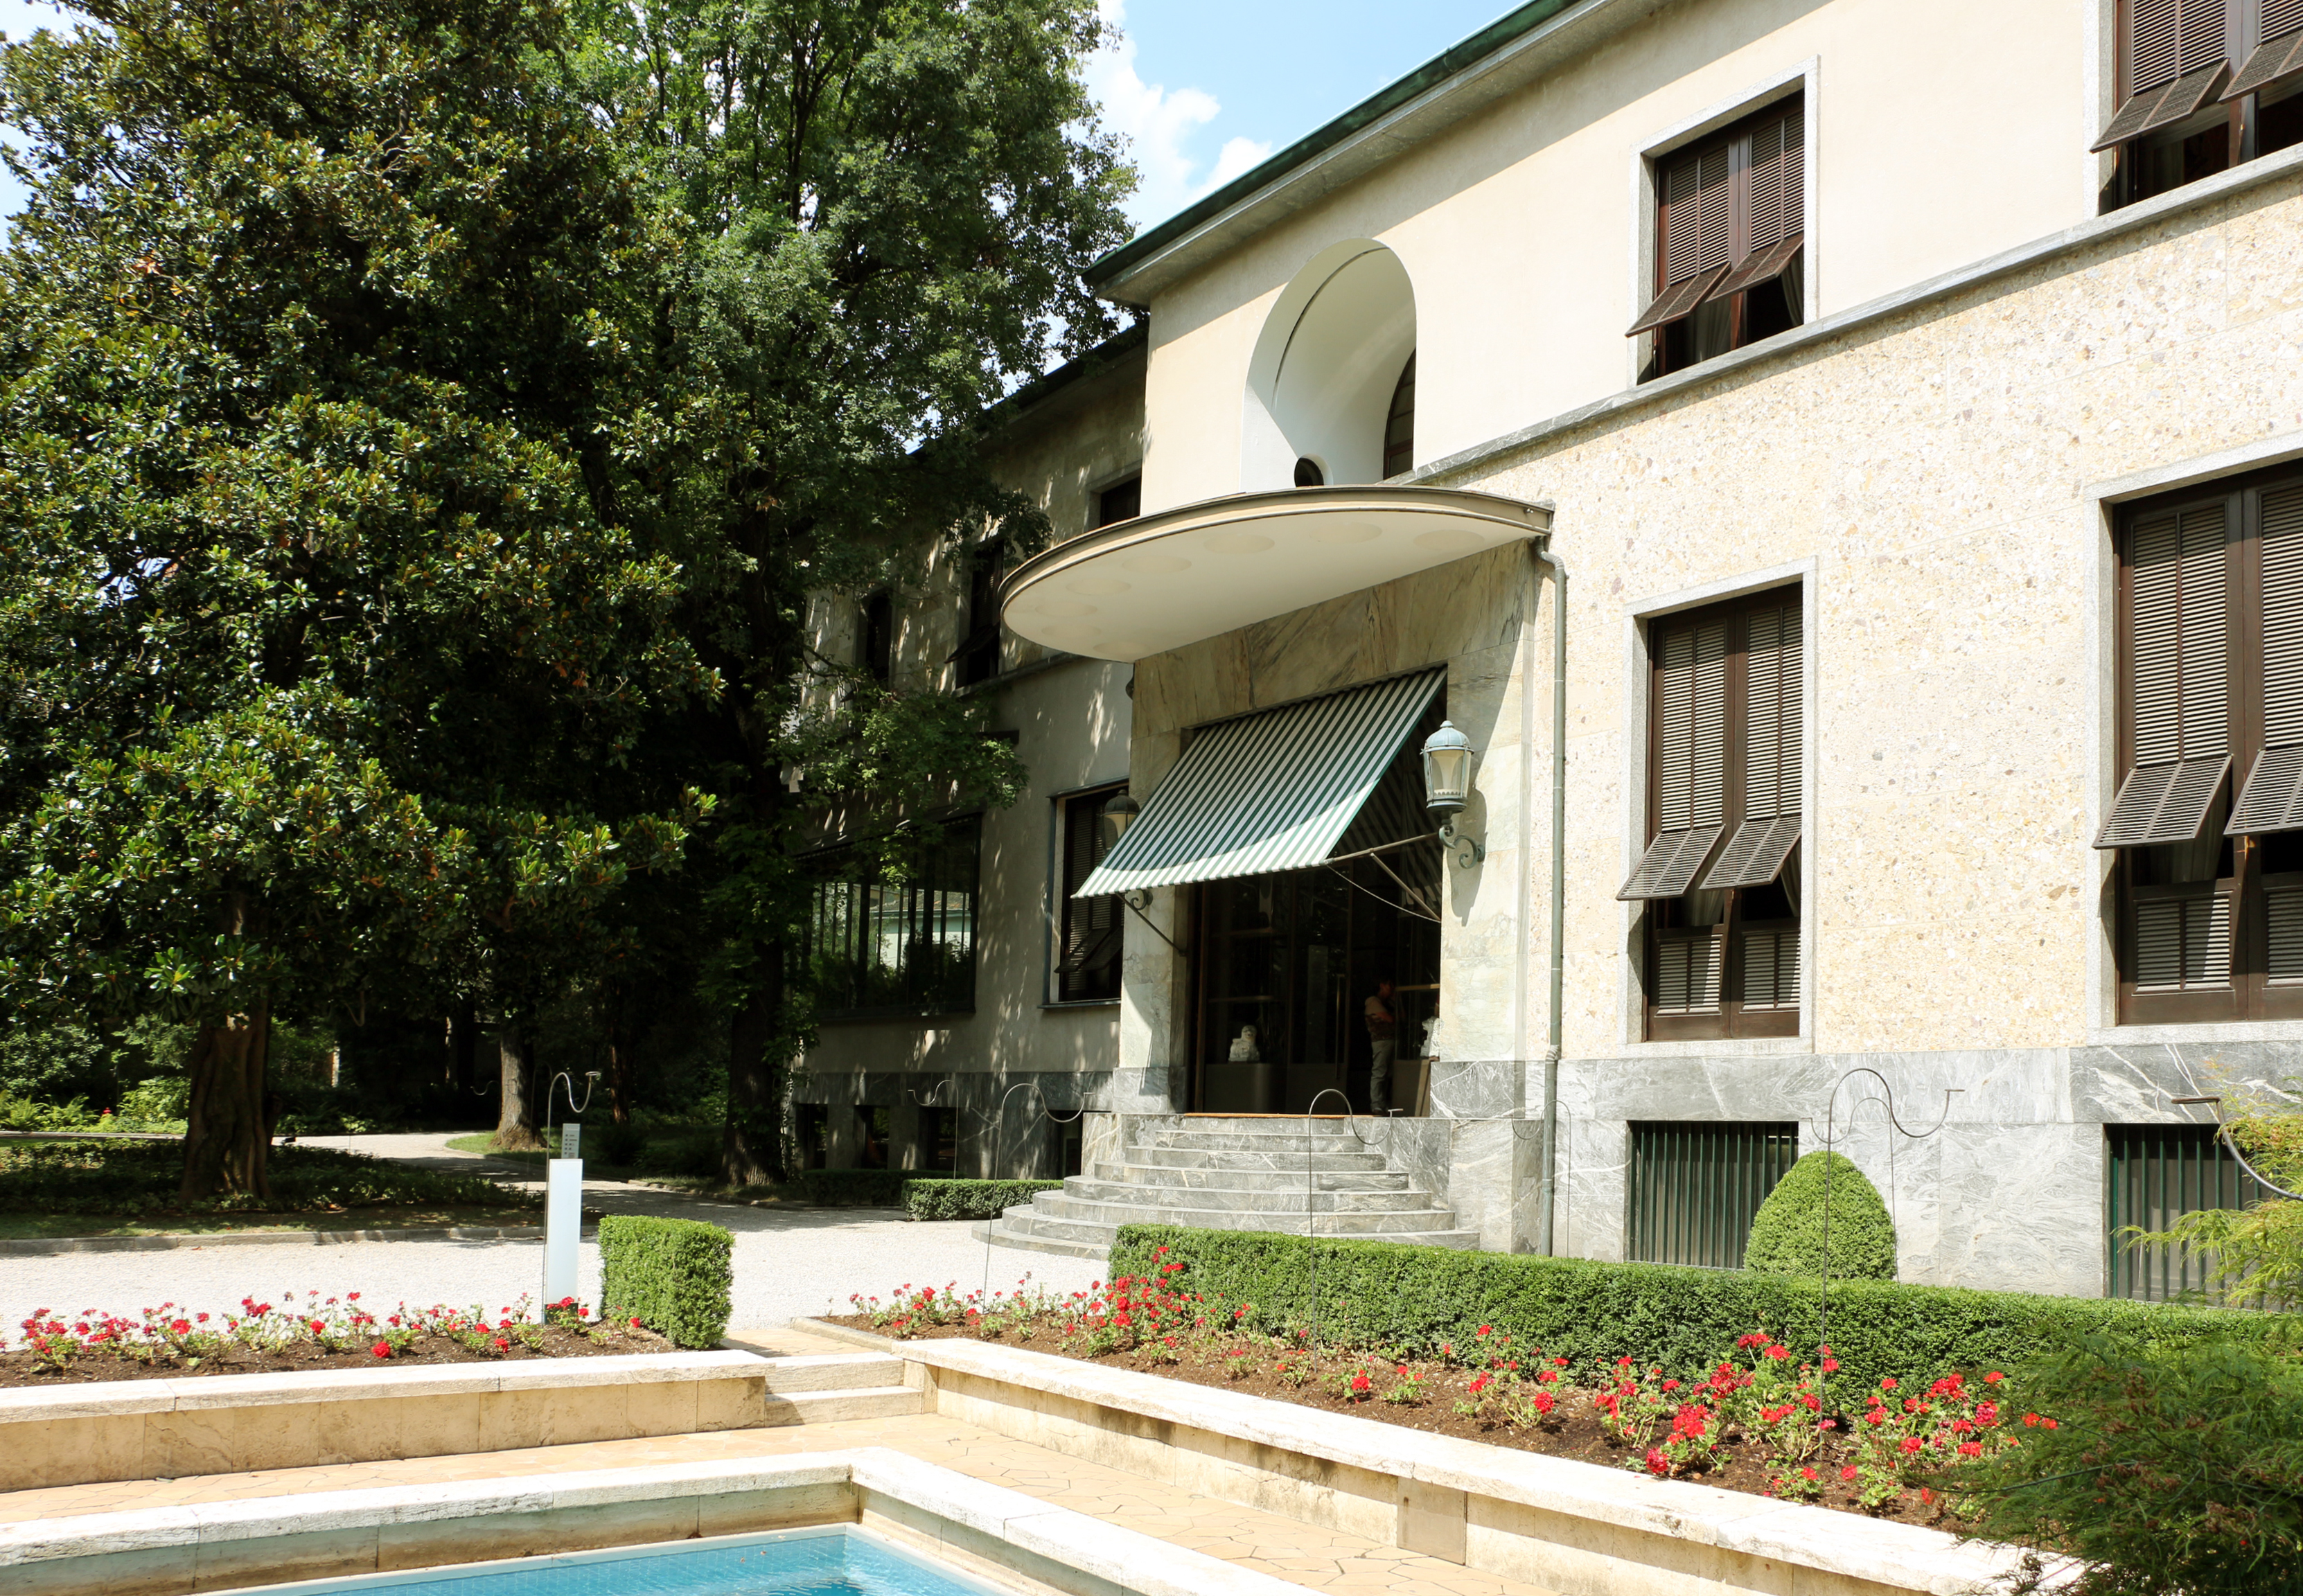 Villa Necchi Campiglio Wikipedia